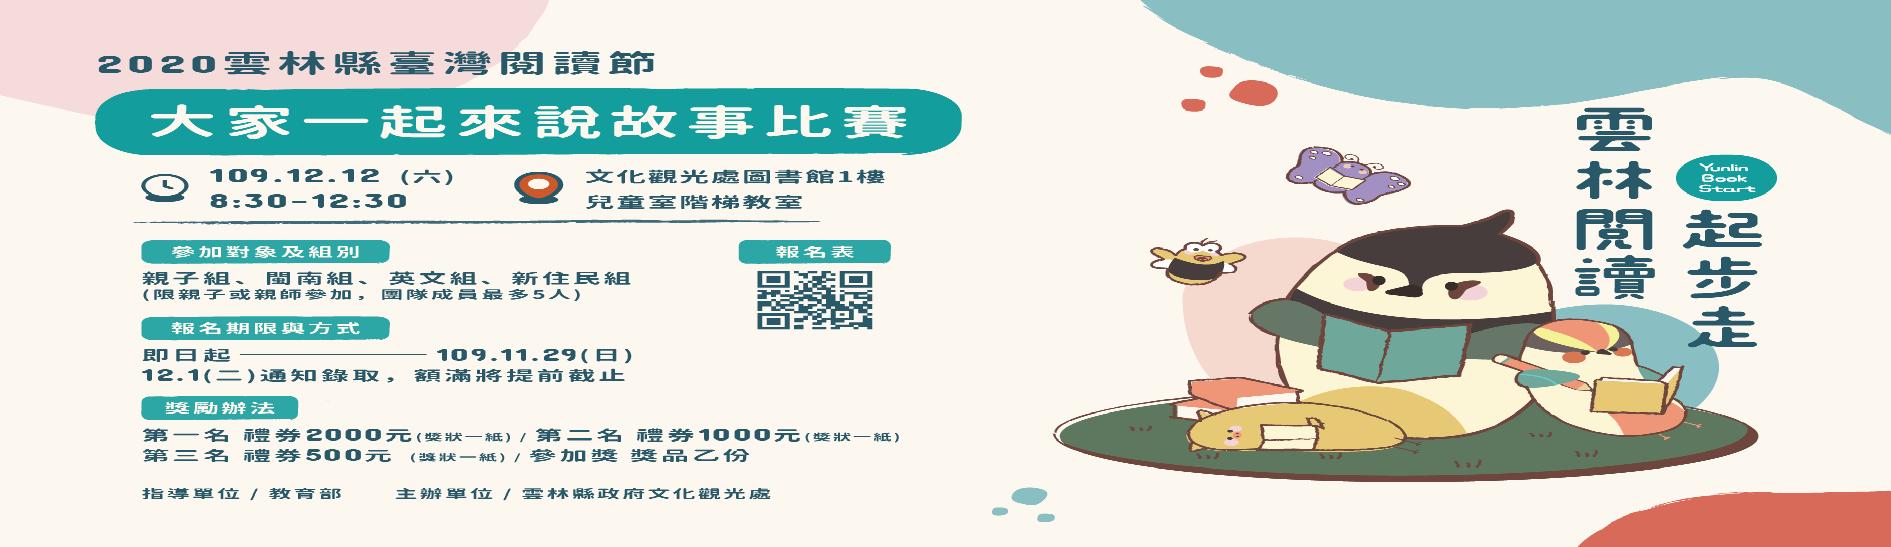 「 雲林縣 109 年度臺灣閱讀節 活動 」  ~ 【 大家一起來說 故事比賽】